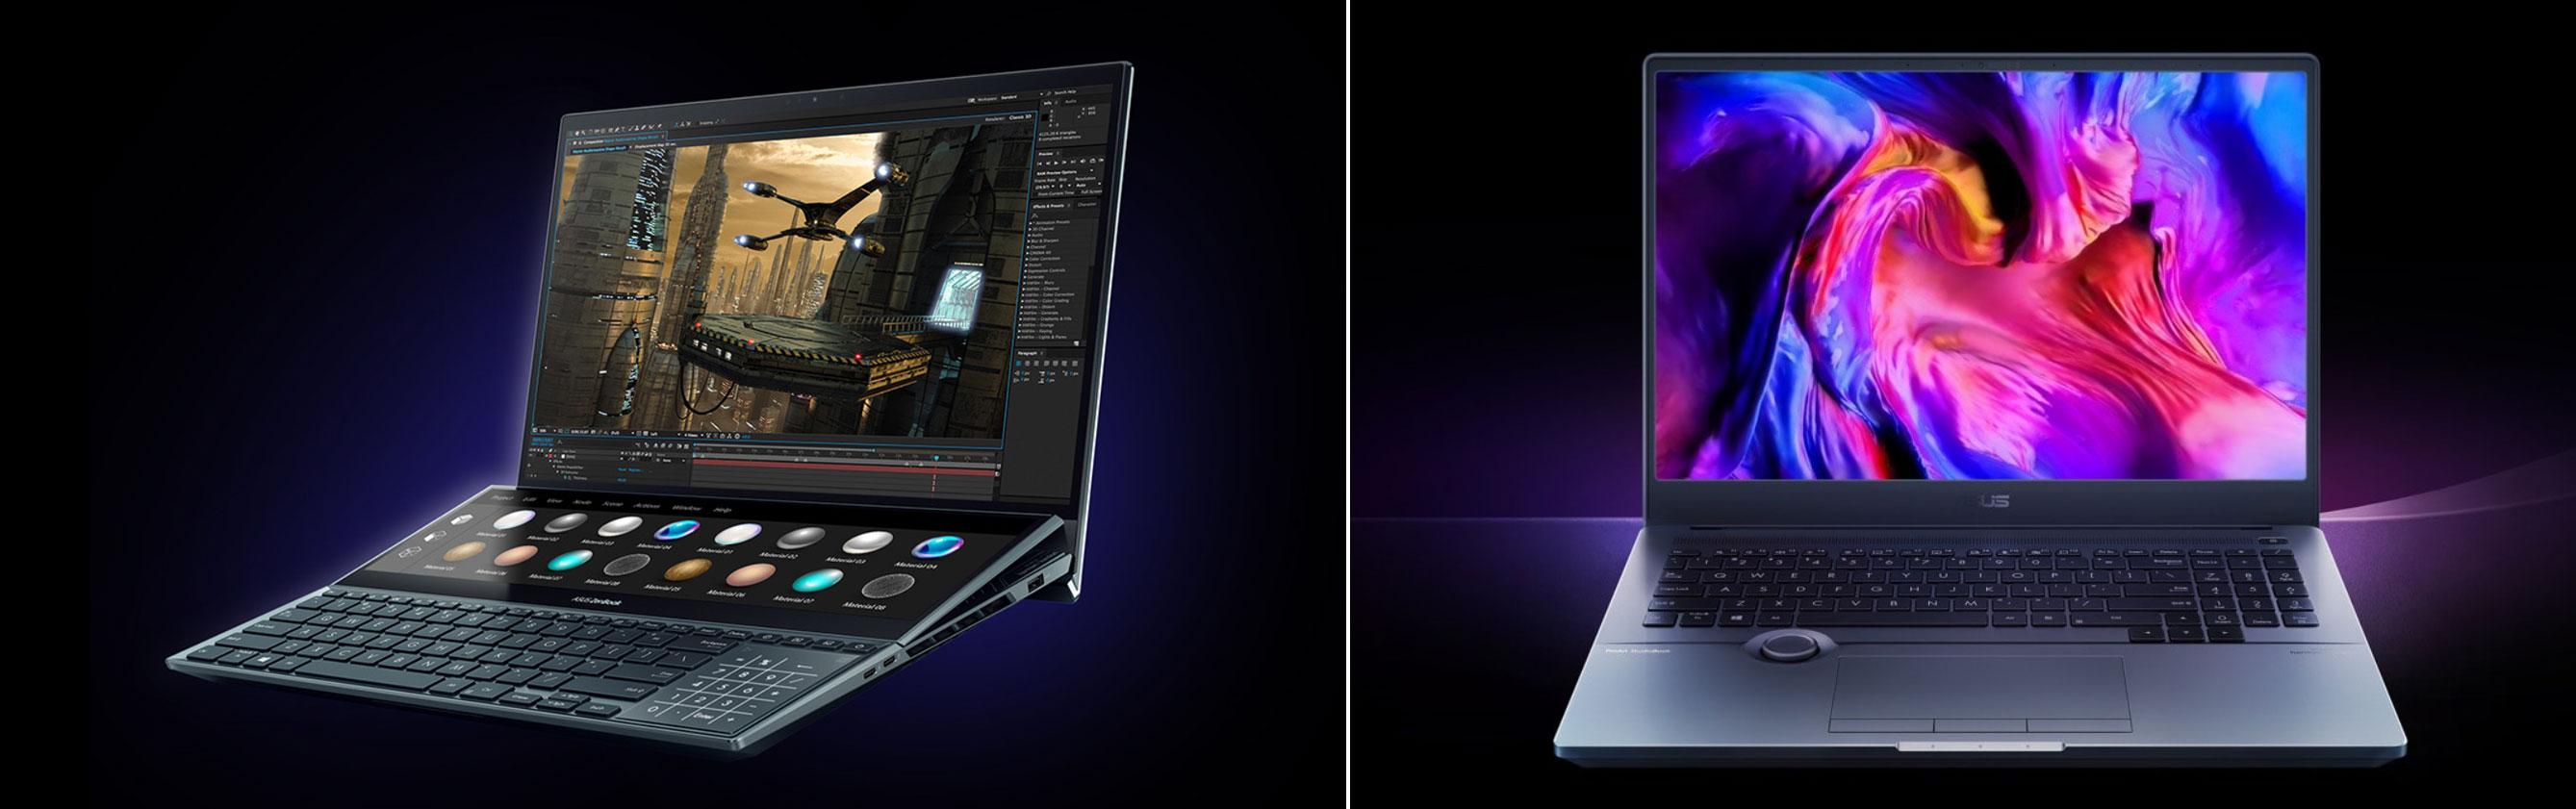 Asus ZenBook Pro DUO and StudioBook Pro 16